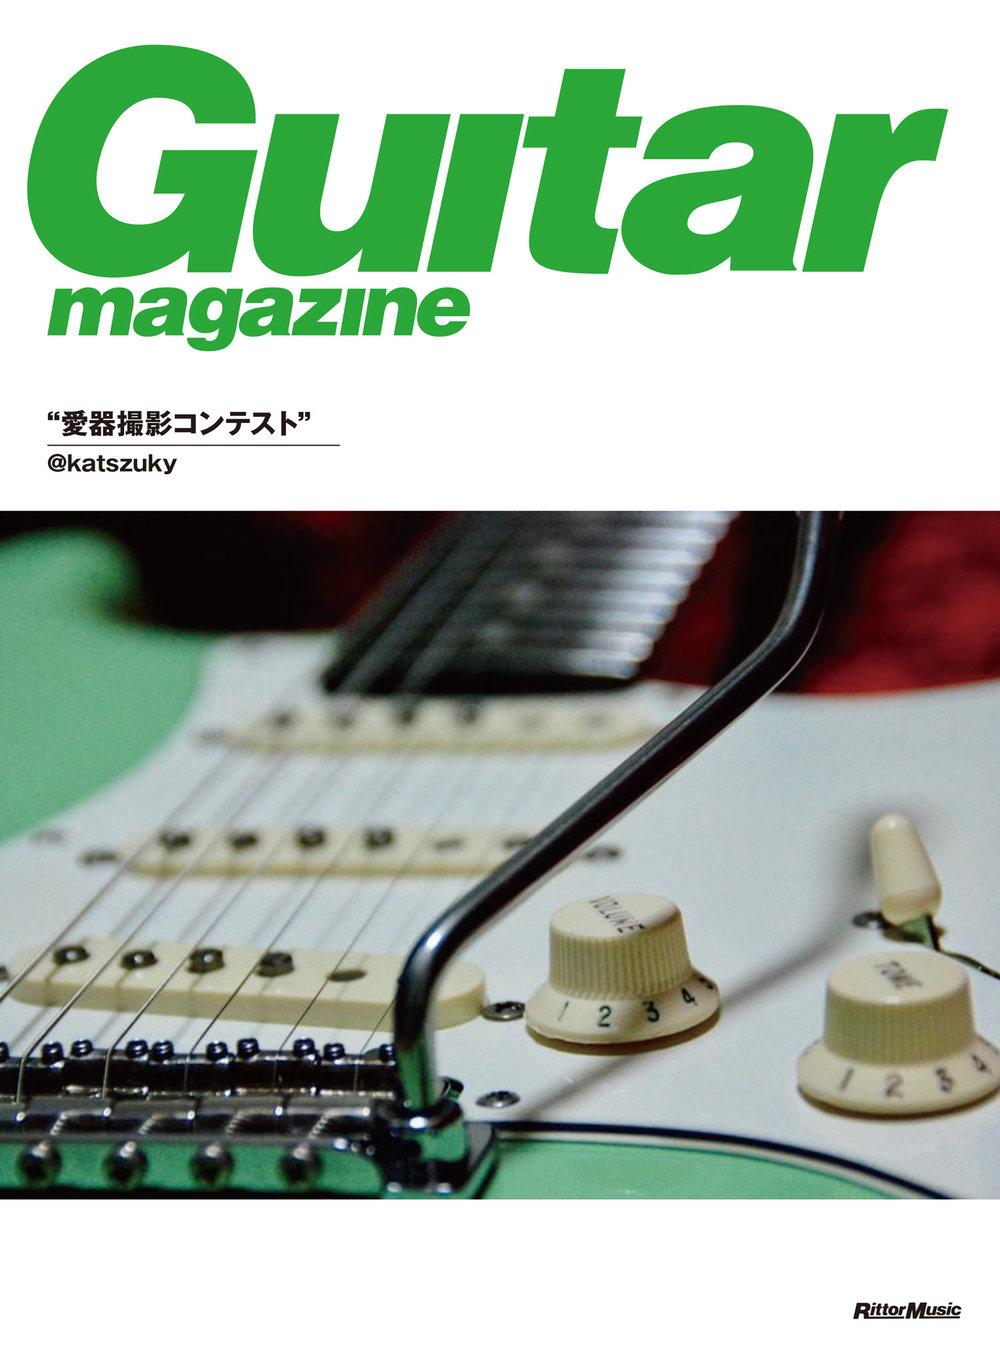 GM_Cover_07.jpg